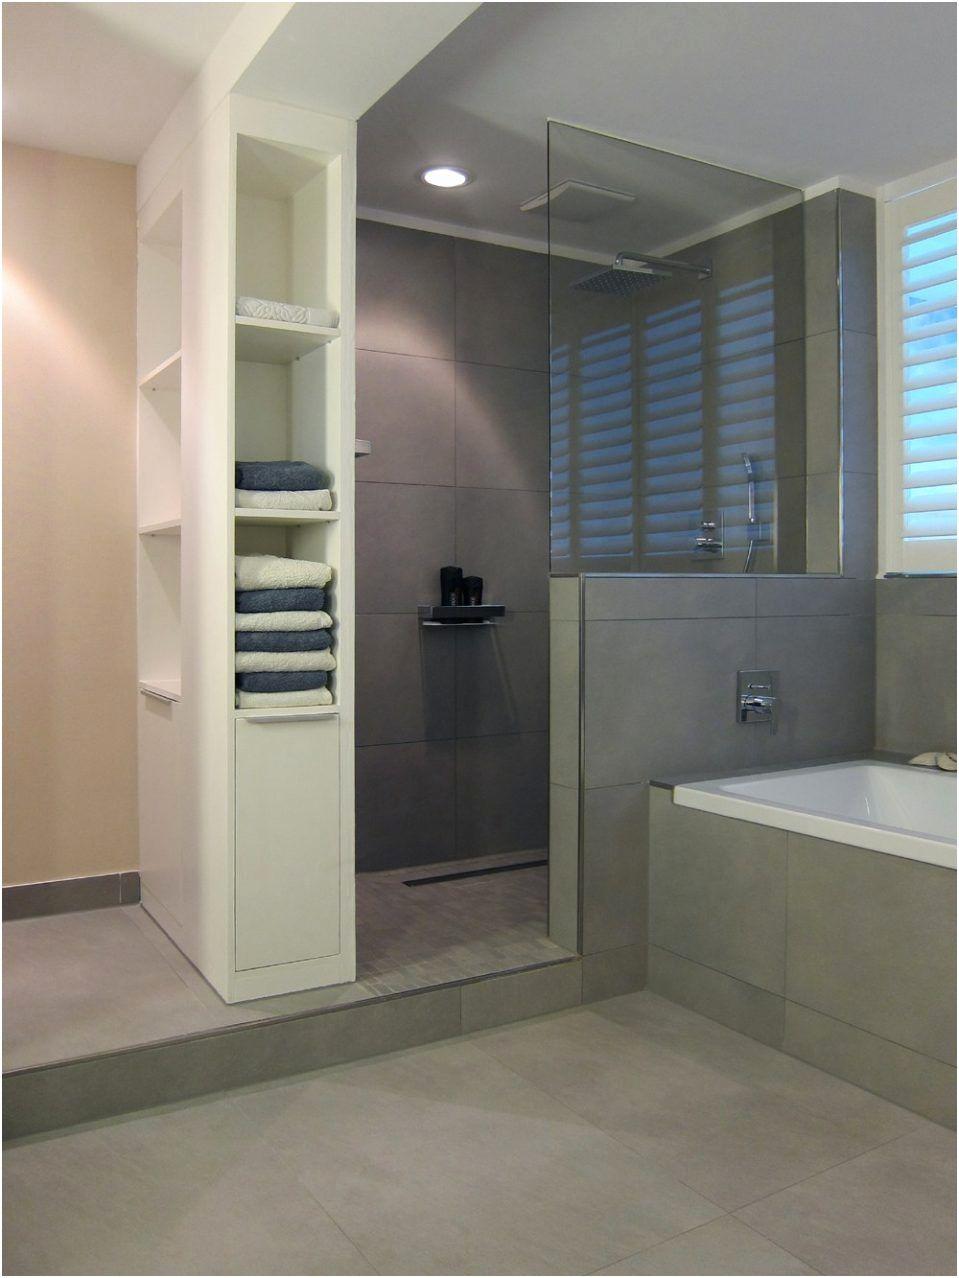 Bildergebnis für gemauerte dusche ohne glas in 2019